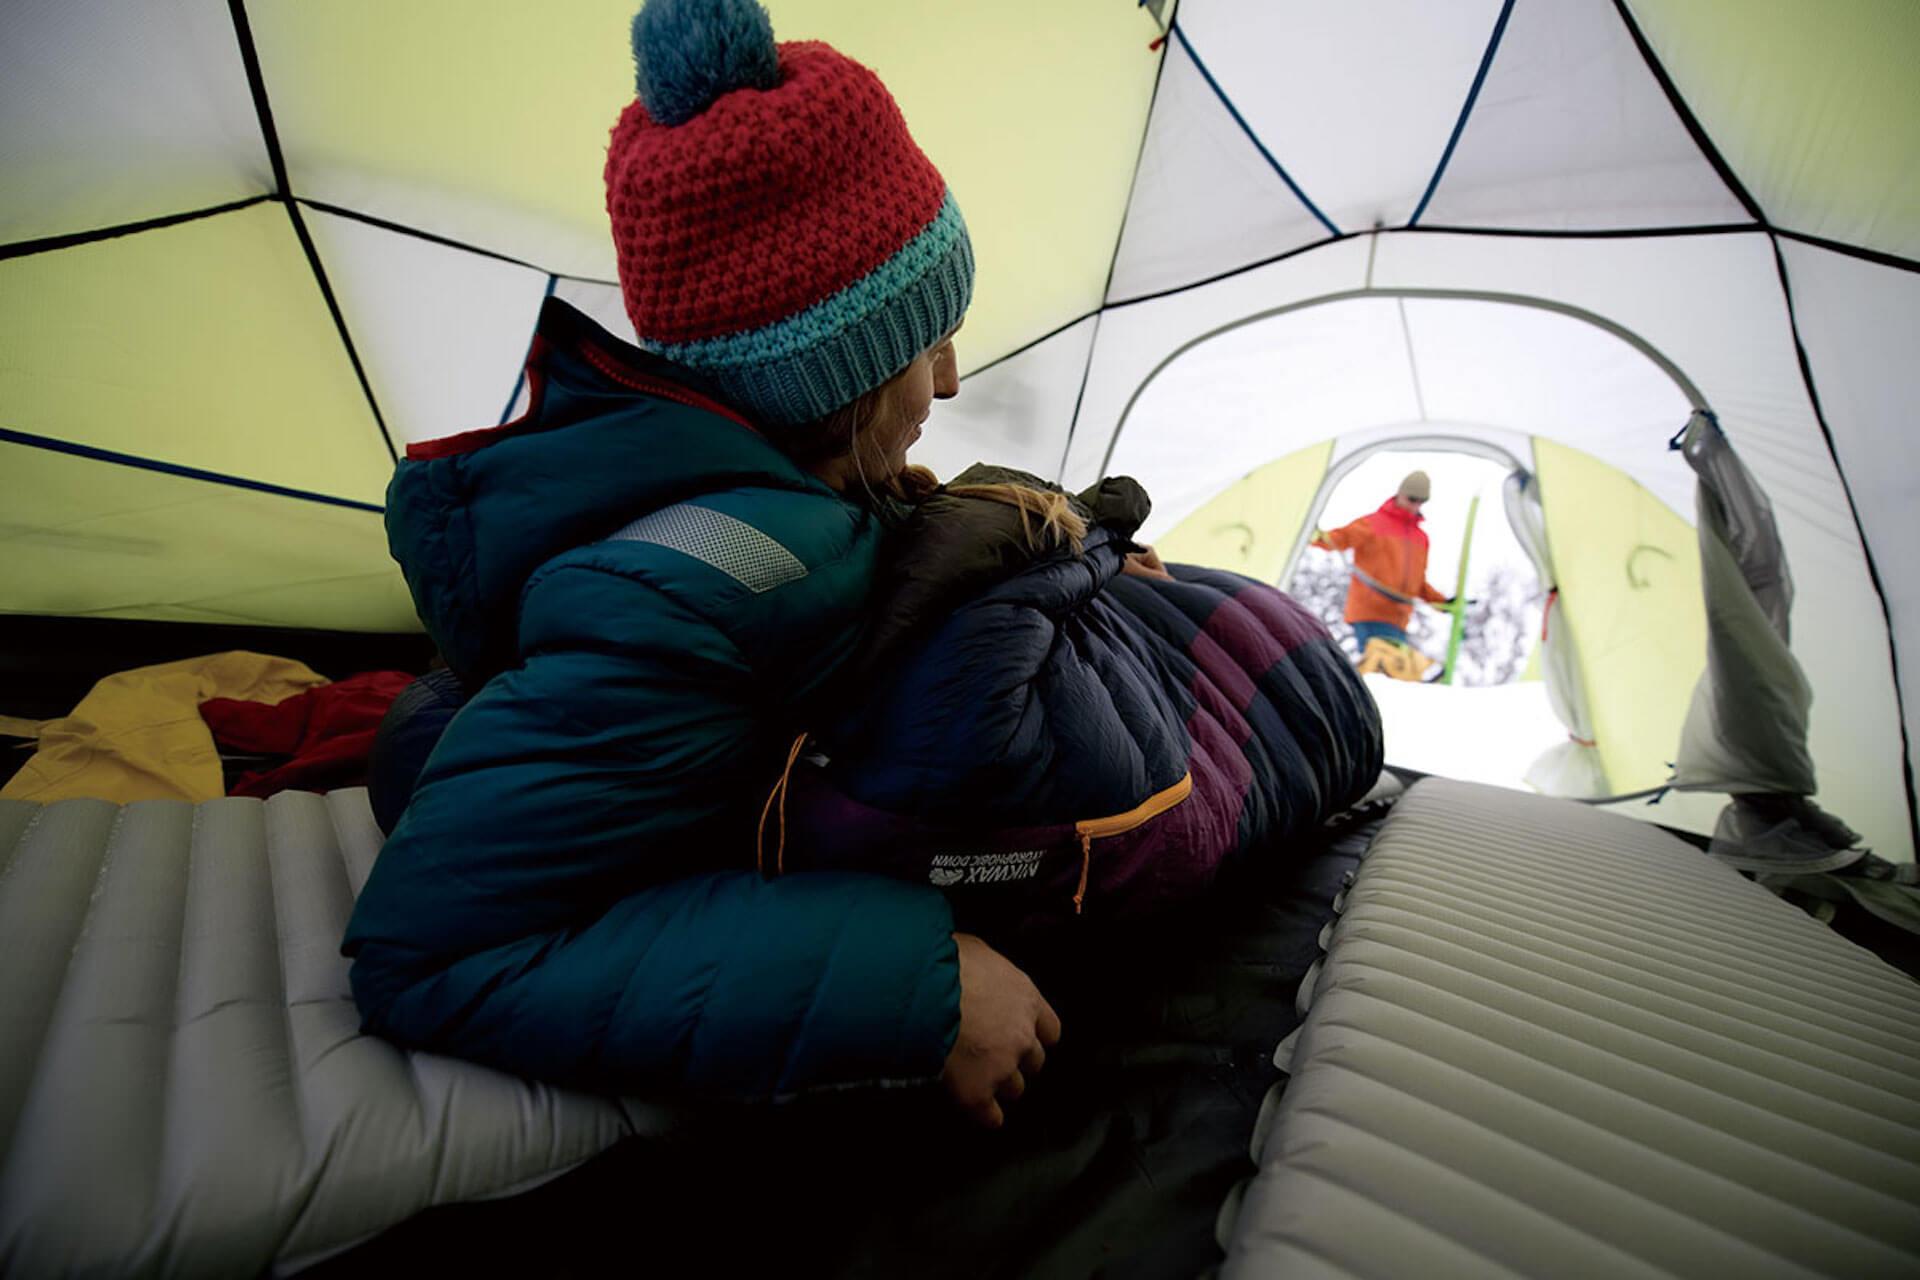 車中泊やキャンプに便利なアイテム15選! 人気シェラフや防寒グッズなど厳選ピックアップ 6-3